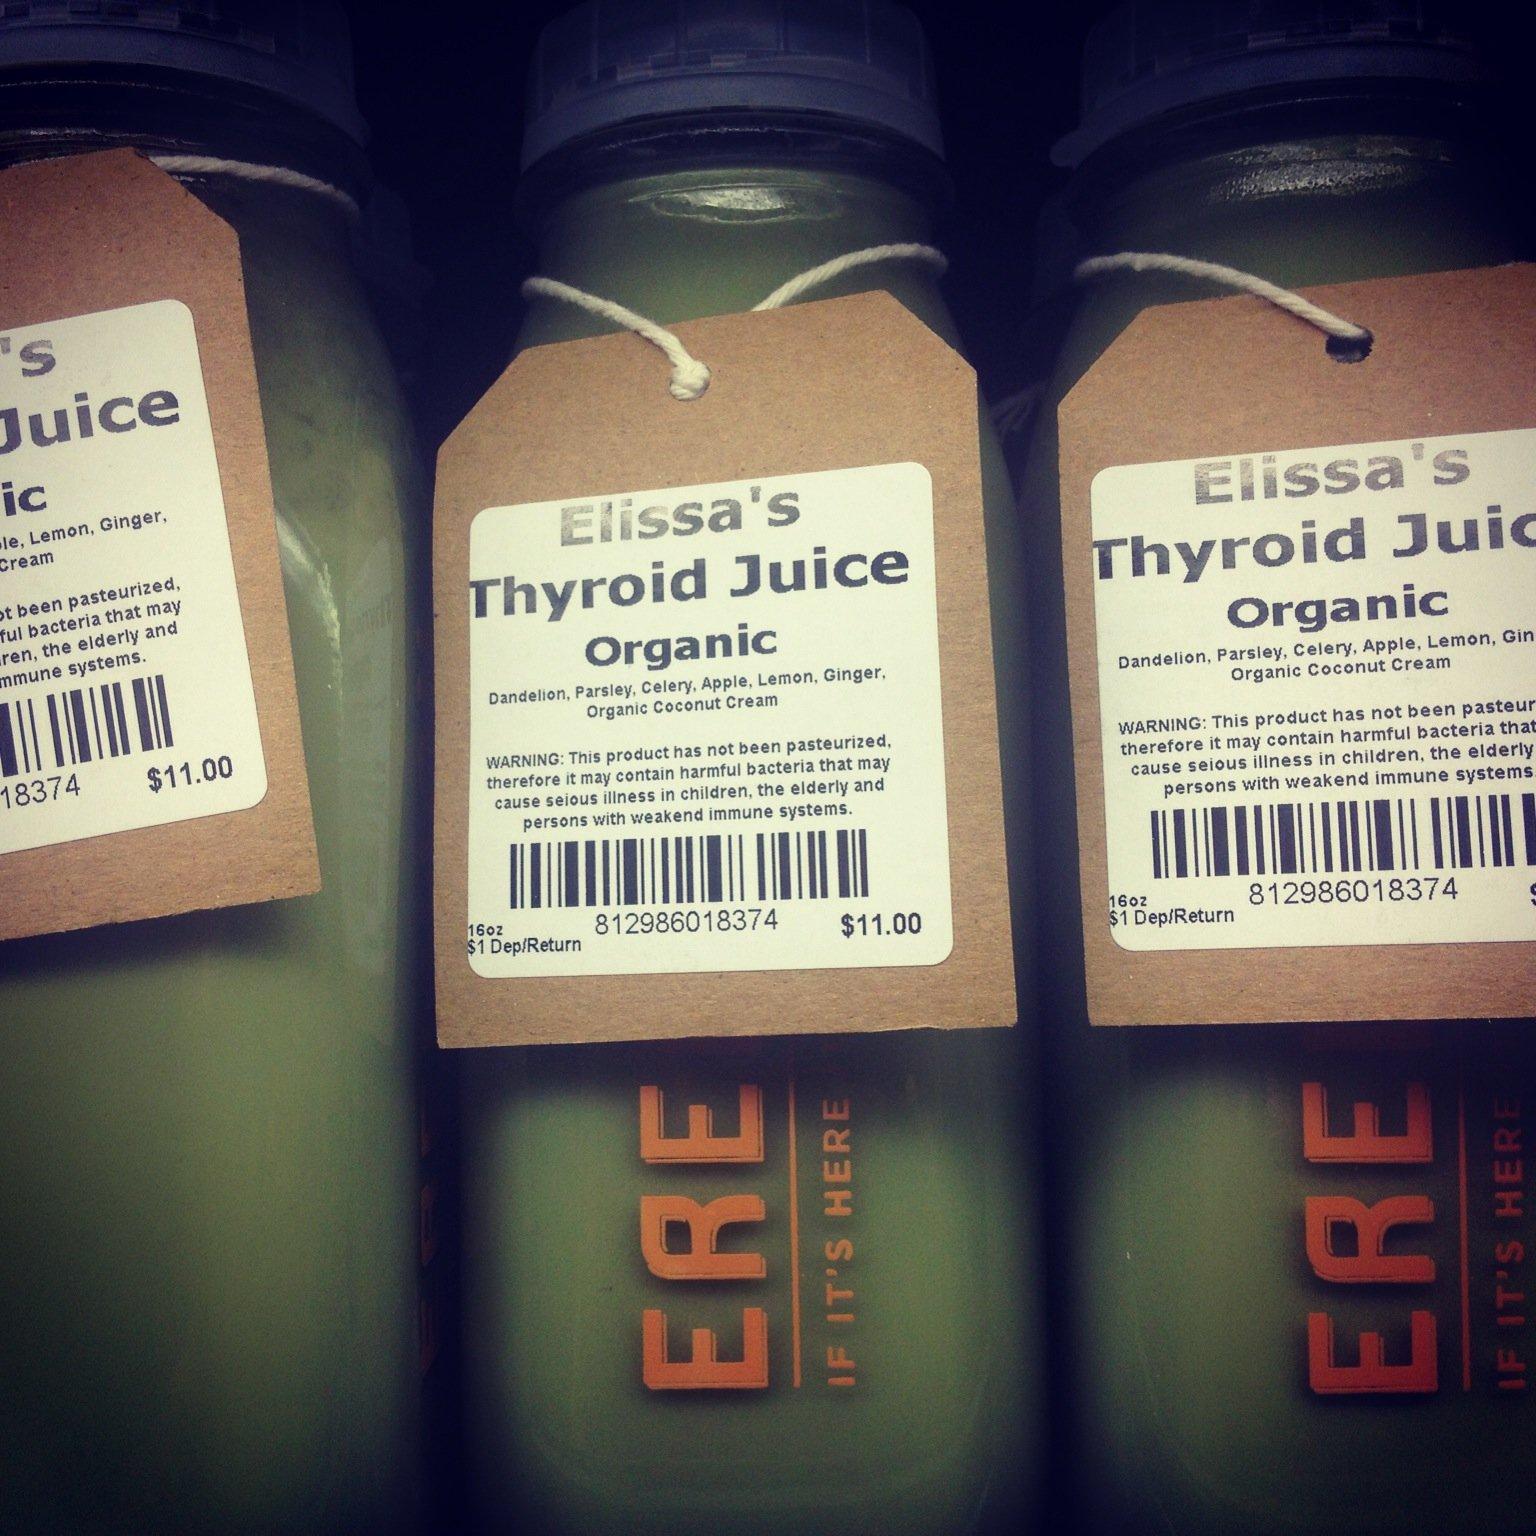 elissa-thyroid-juice